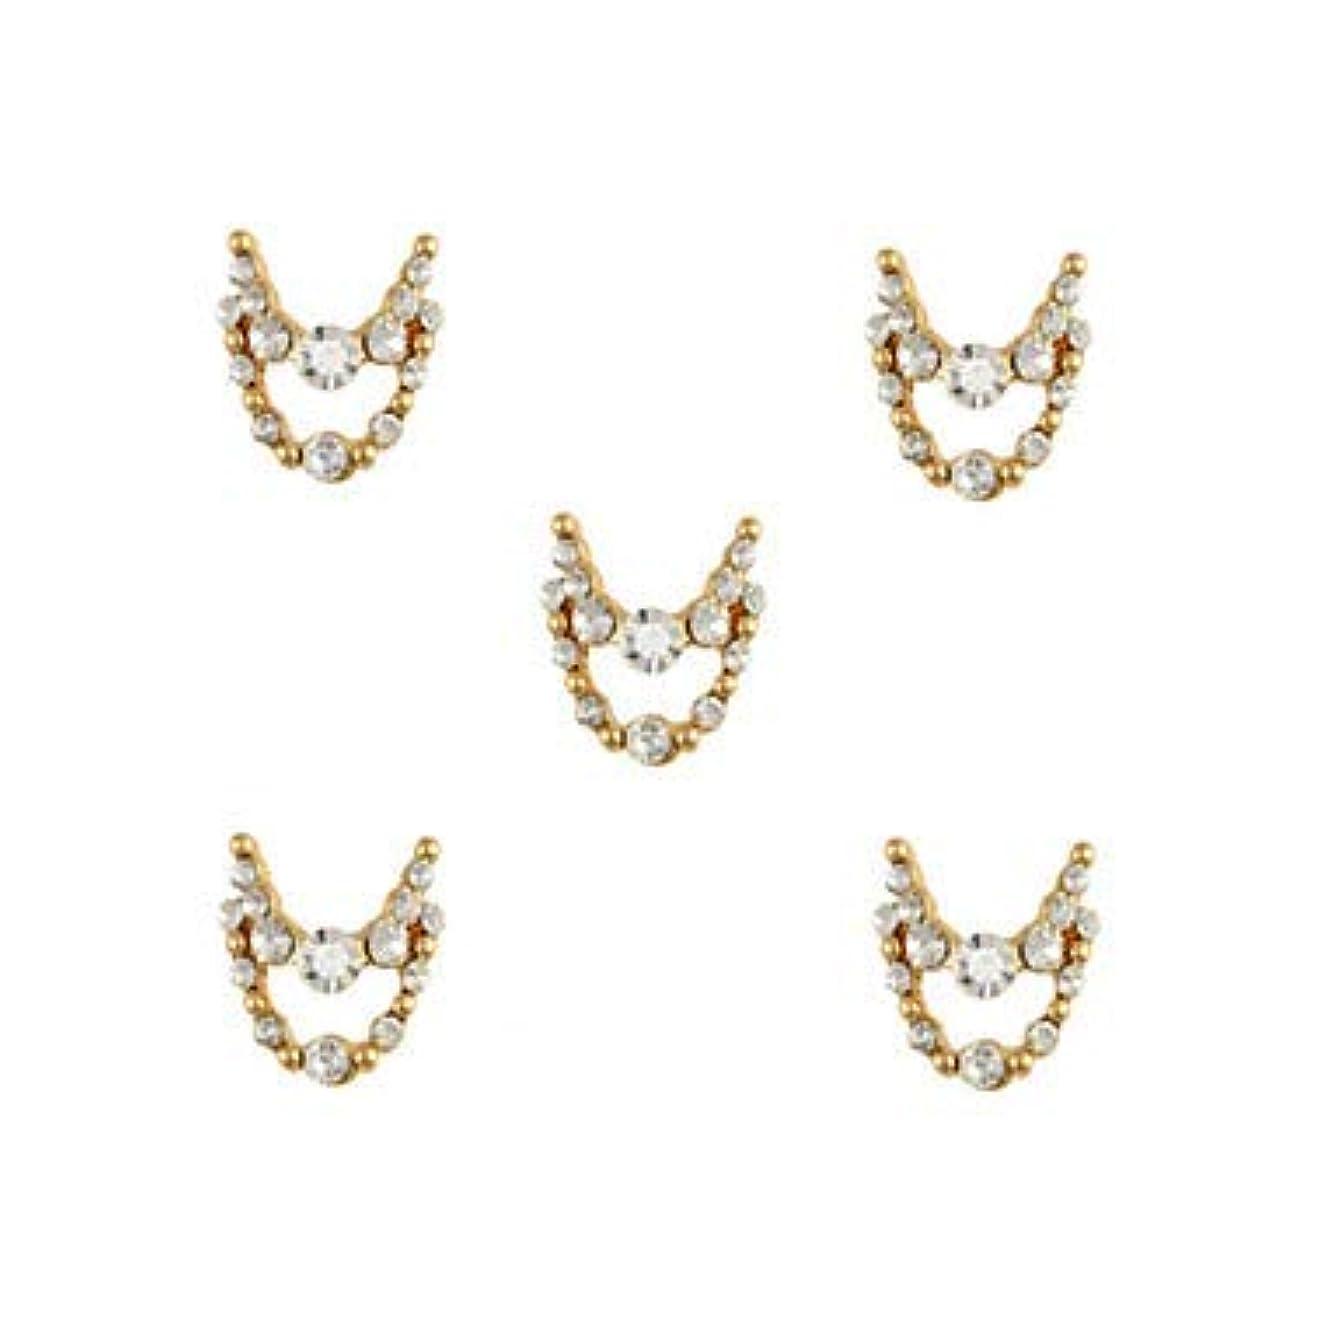 運動サンプルチューインガム明確なラインストーン3dチャーム合金ネイルアートの装飾が付いている10個入りゴールドネックレスブラブラ